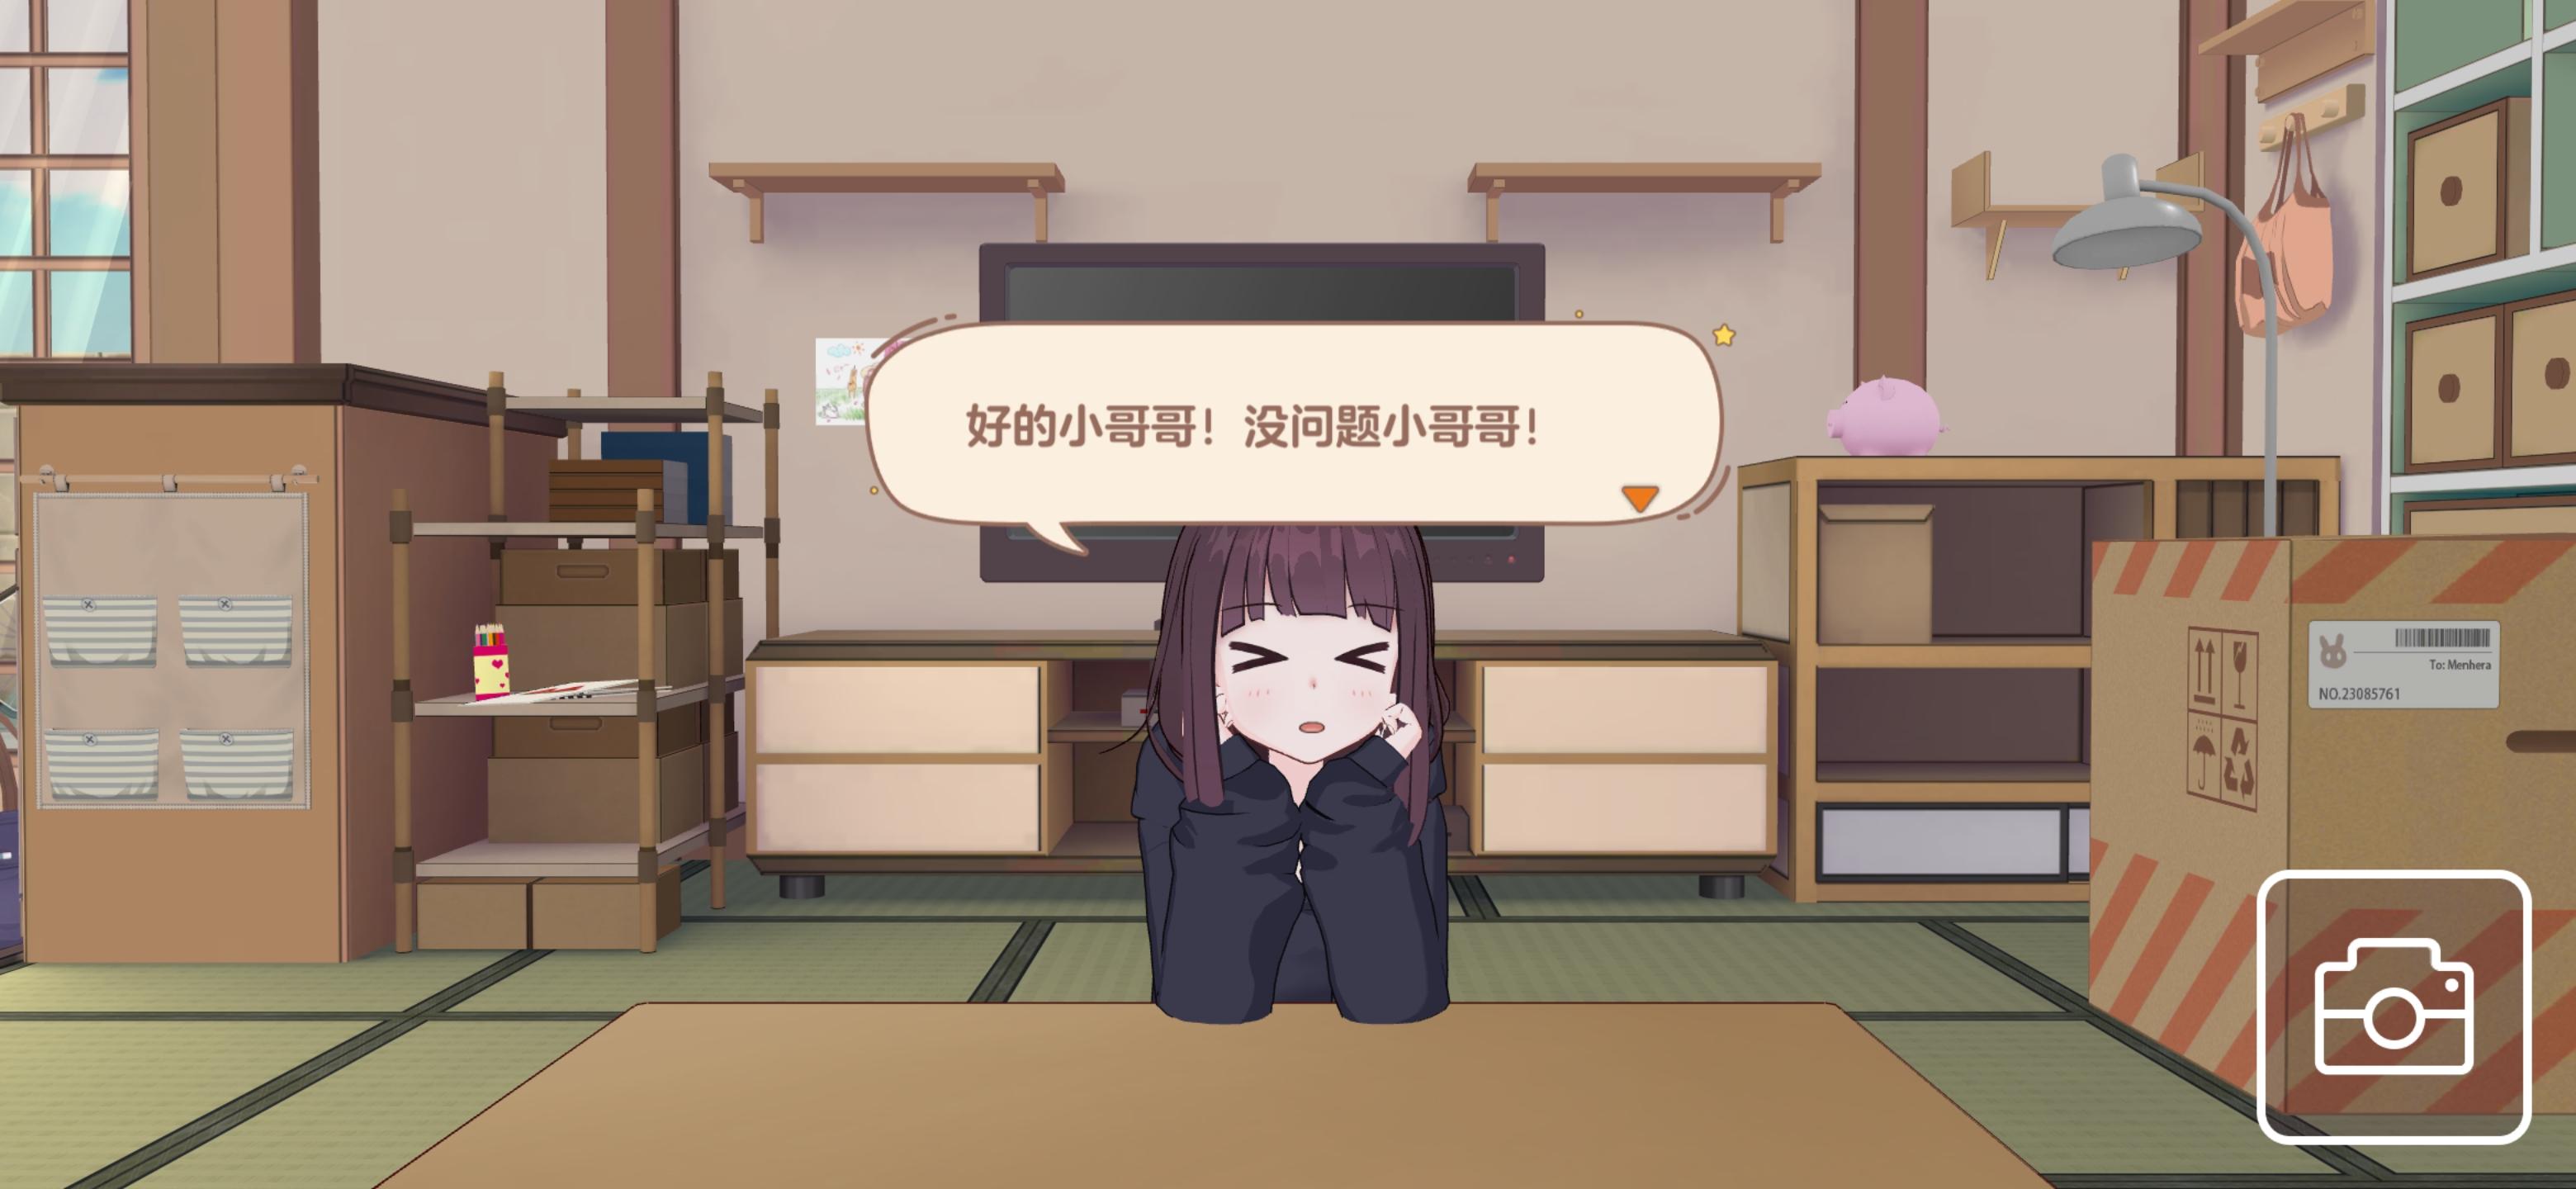 起名03.jpg